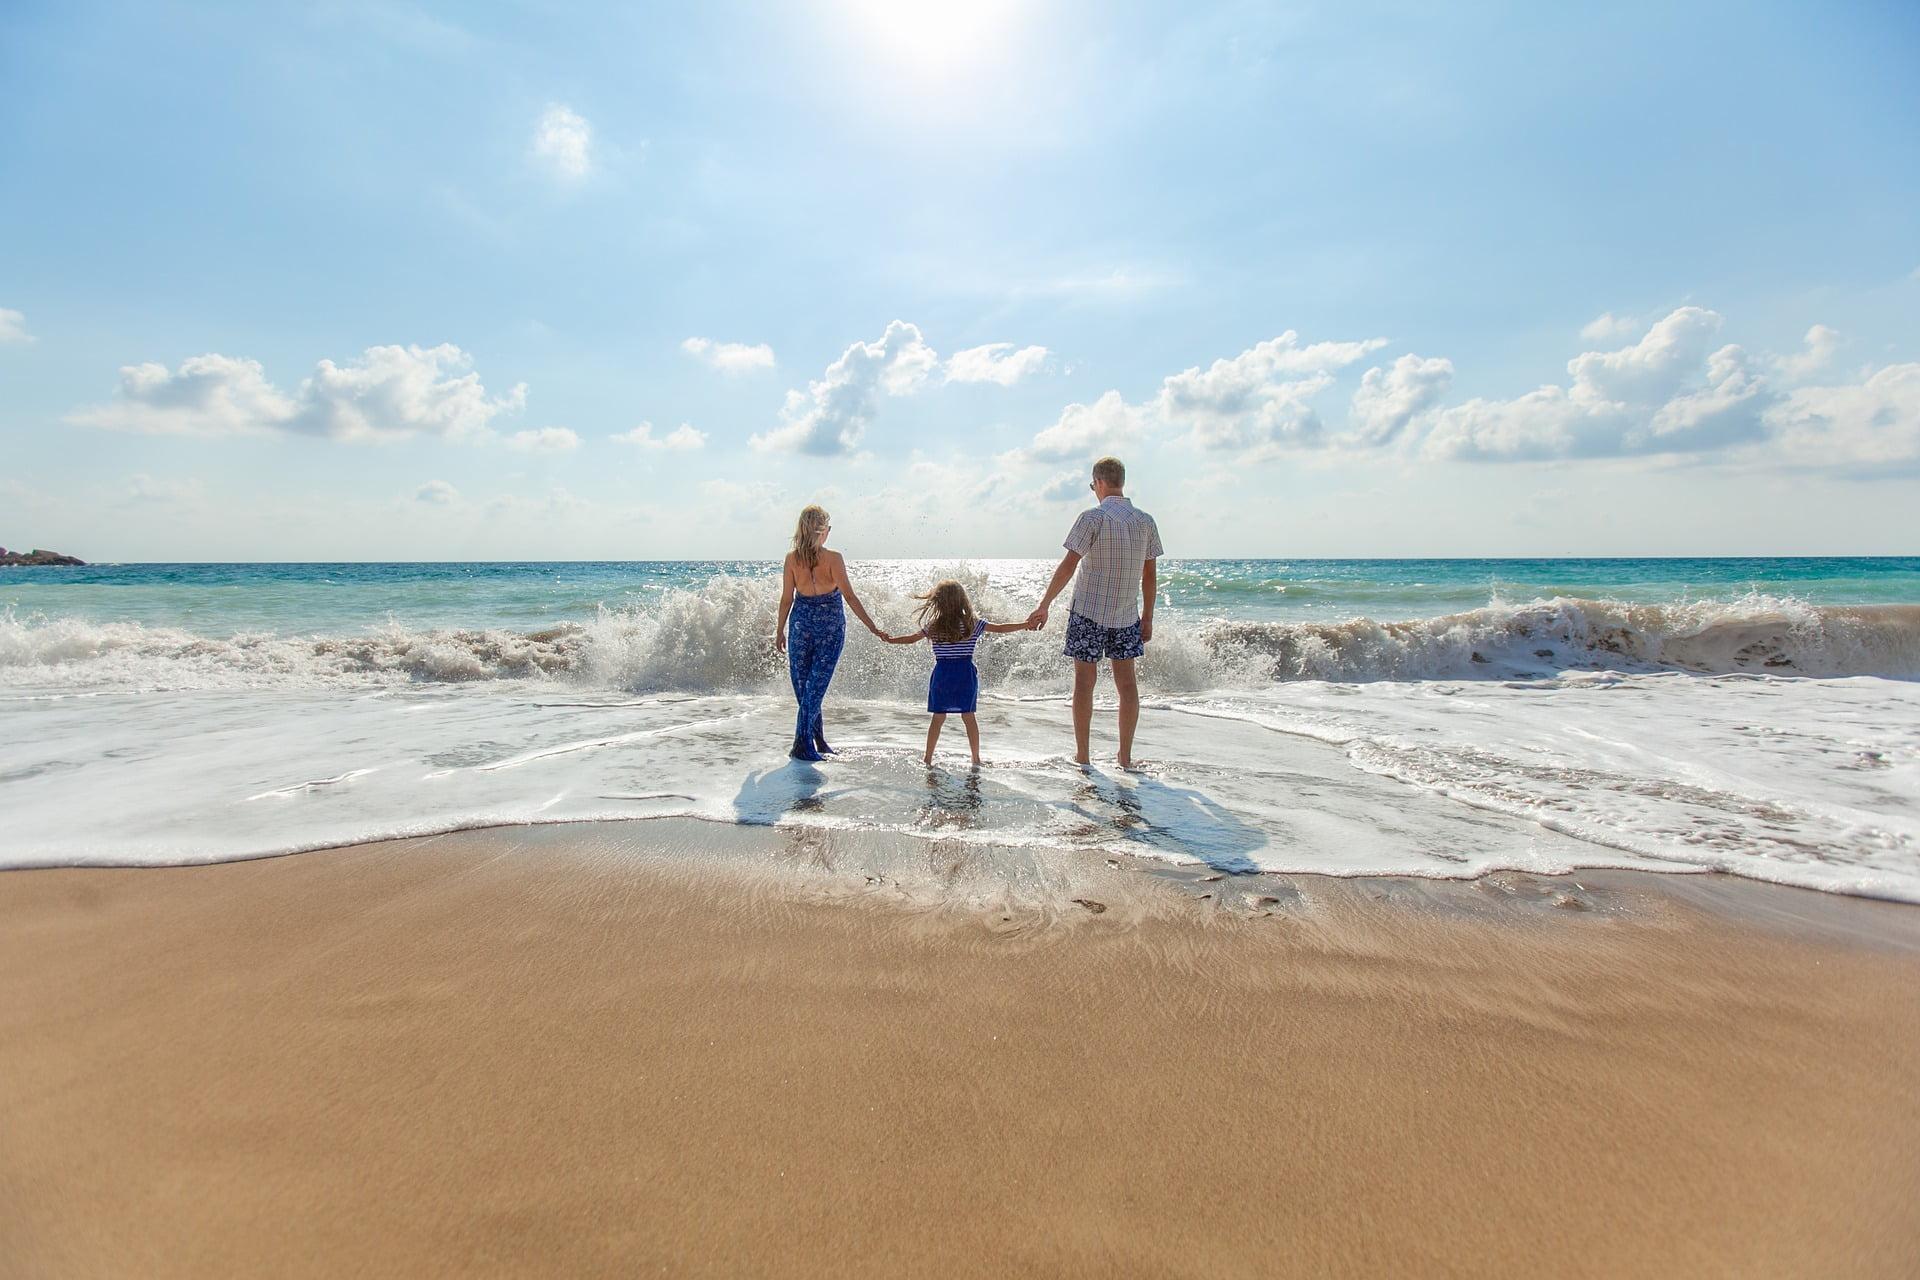 Dacă și vouă vă este gândul la vacanța de vară și vă întrebați care sunt cele mai bune destinații în Grecia pentru familii, poate vă sunt de ajutor câteva recomandări.